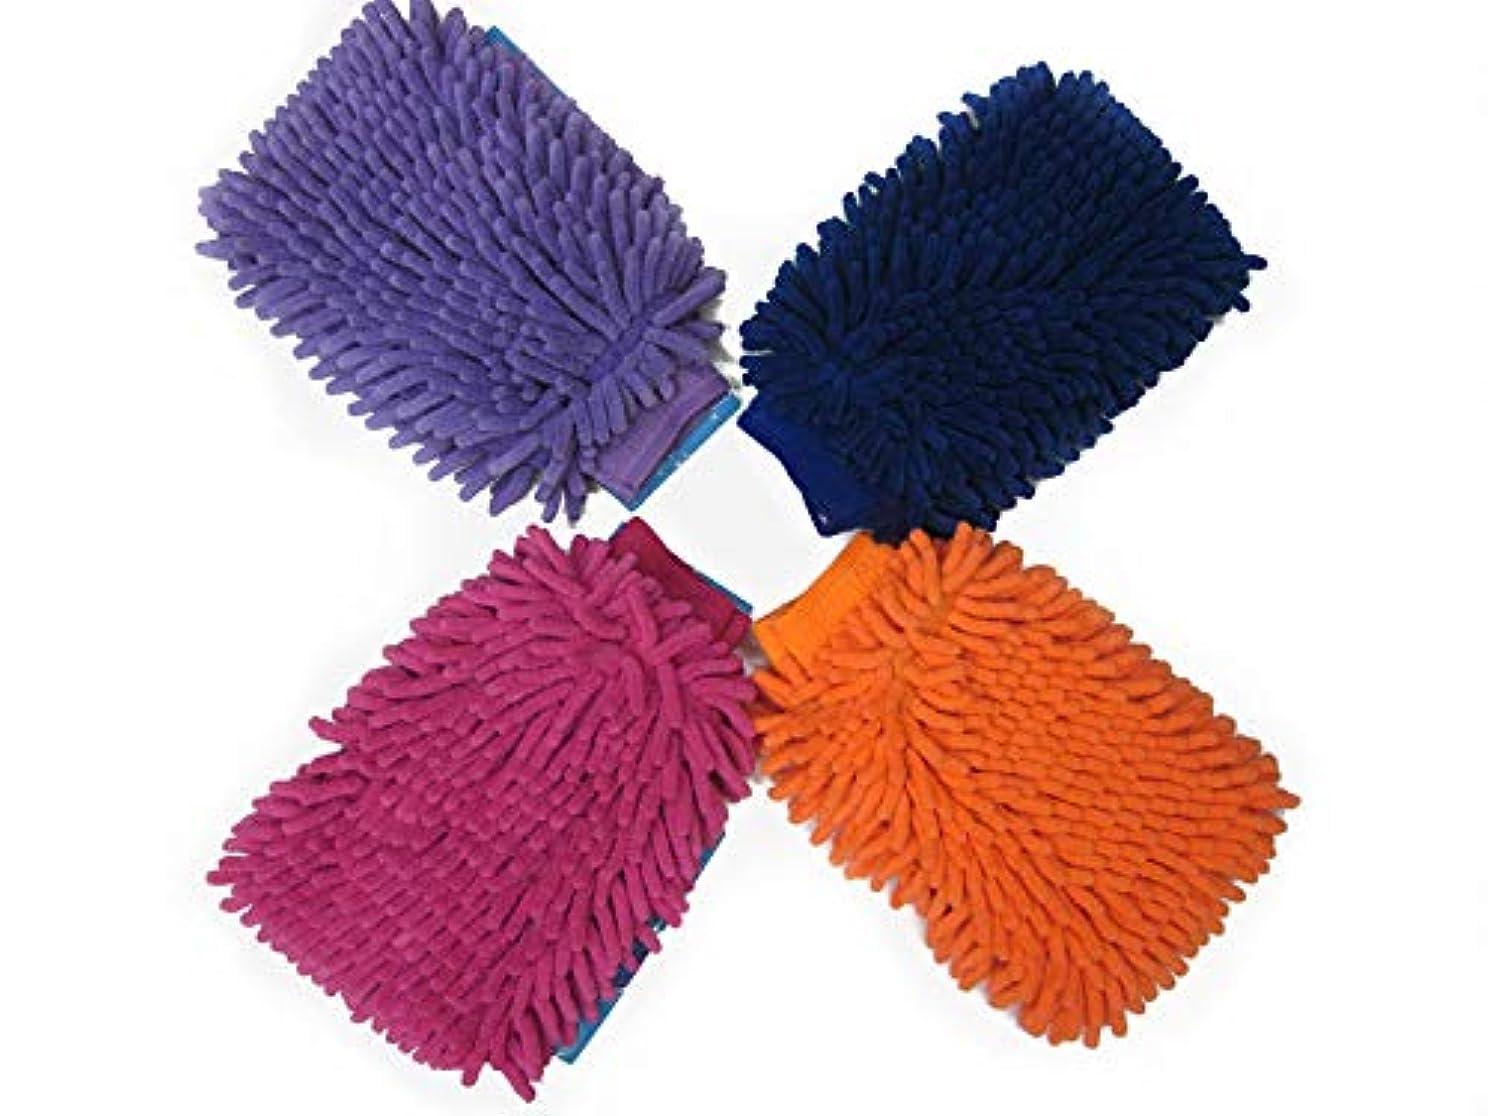 何かフィールド気づくBTXXYJP 車の窓掃除道具ホームクリーニングクリーニング手袋極細繊維シェニールマイクロファイバーカーウォッシュグローブ、10ペア (Color : Blue)